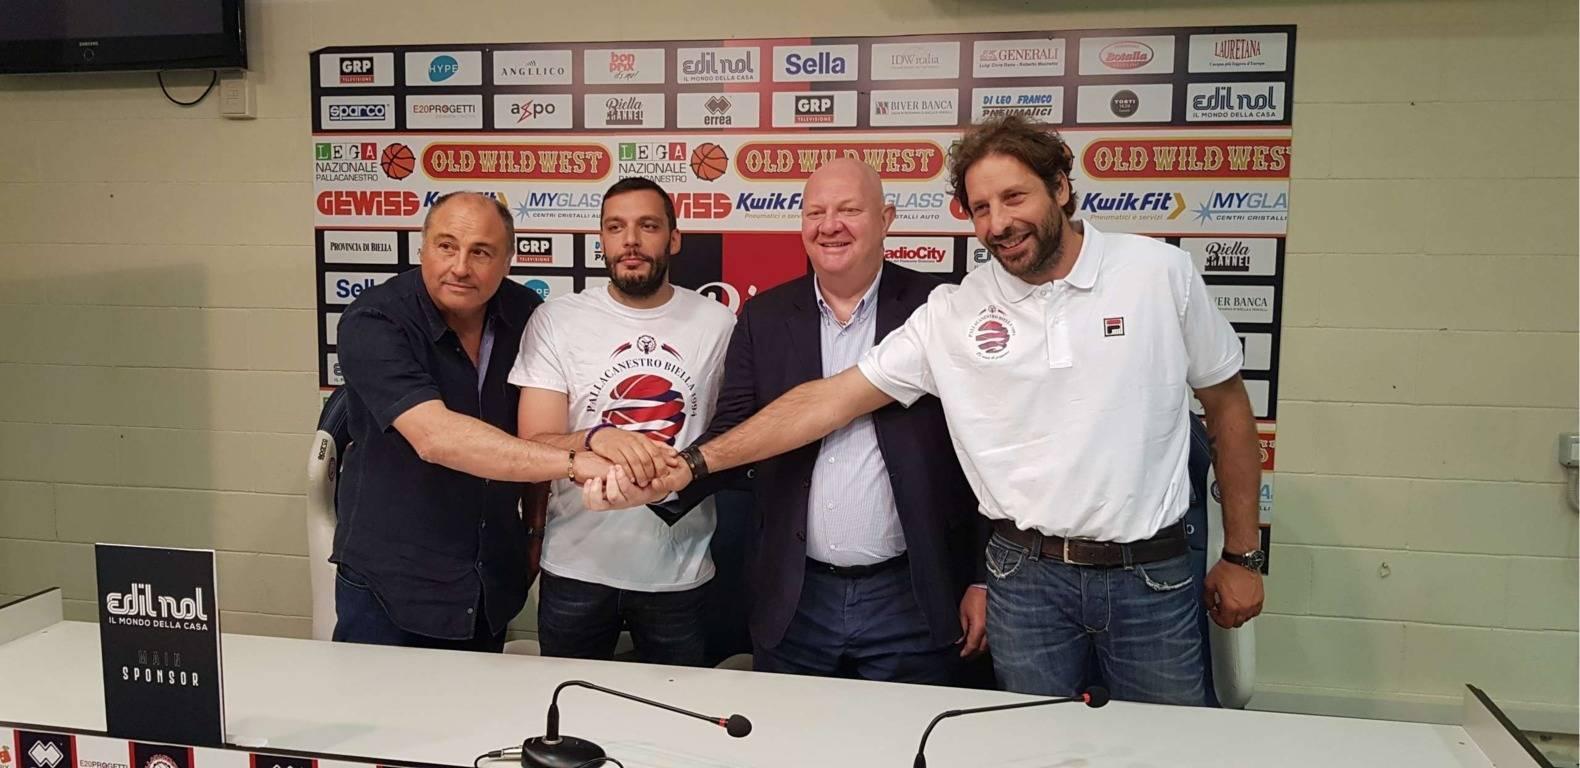 A2 Ovest Old Wild West Mercato 2019-20: presentato oggi a Biella il nuovo coach Paolo Galbiati